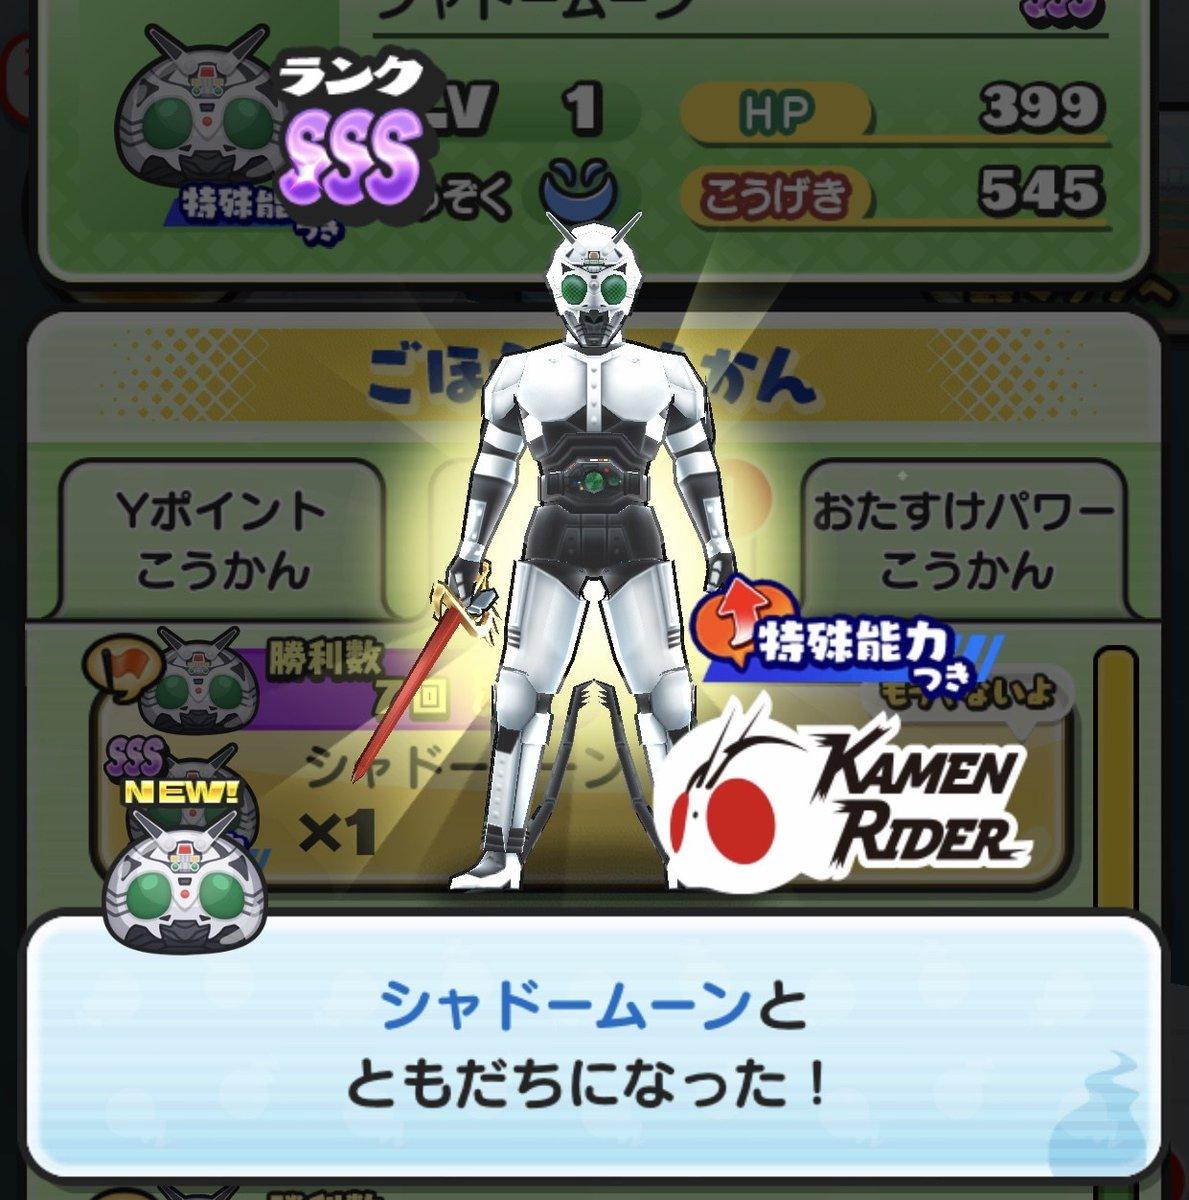 【ぷにぷに】仮面ライダーコラボ:シャドームーンをゲットするまでの道のりを紹介!【妖怪ウォッチ】 - 攻略大百科